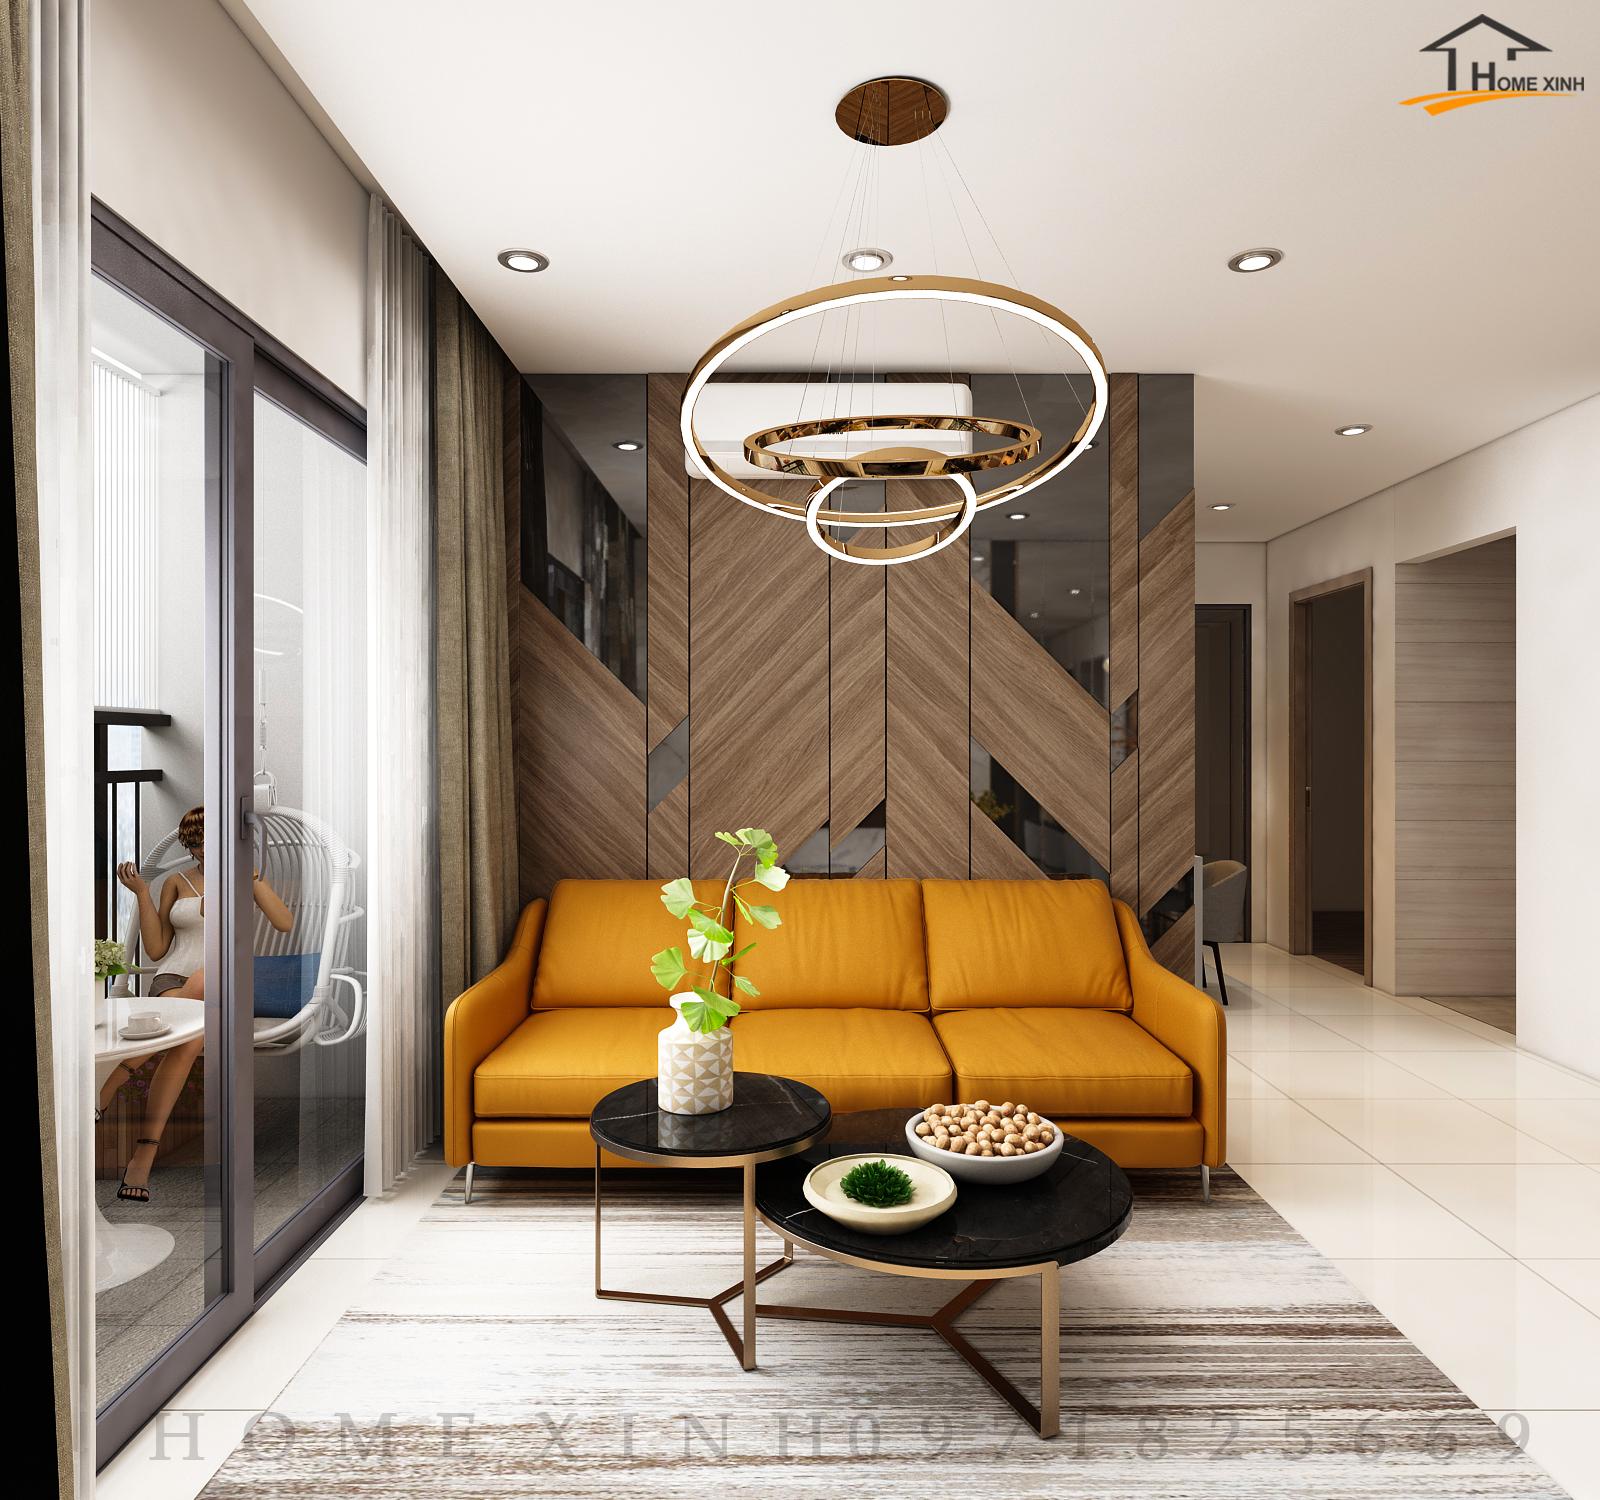 thiết kế nội thất căn hộ chung cư 55m2